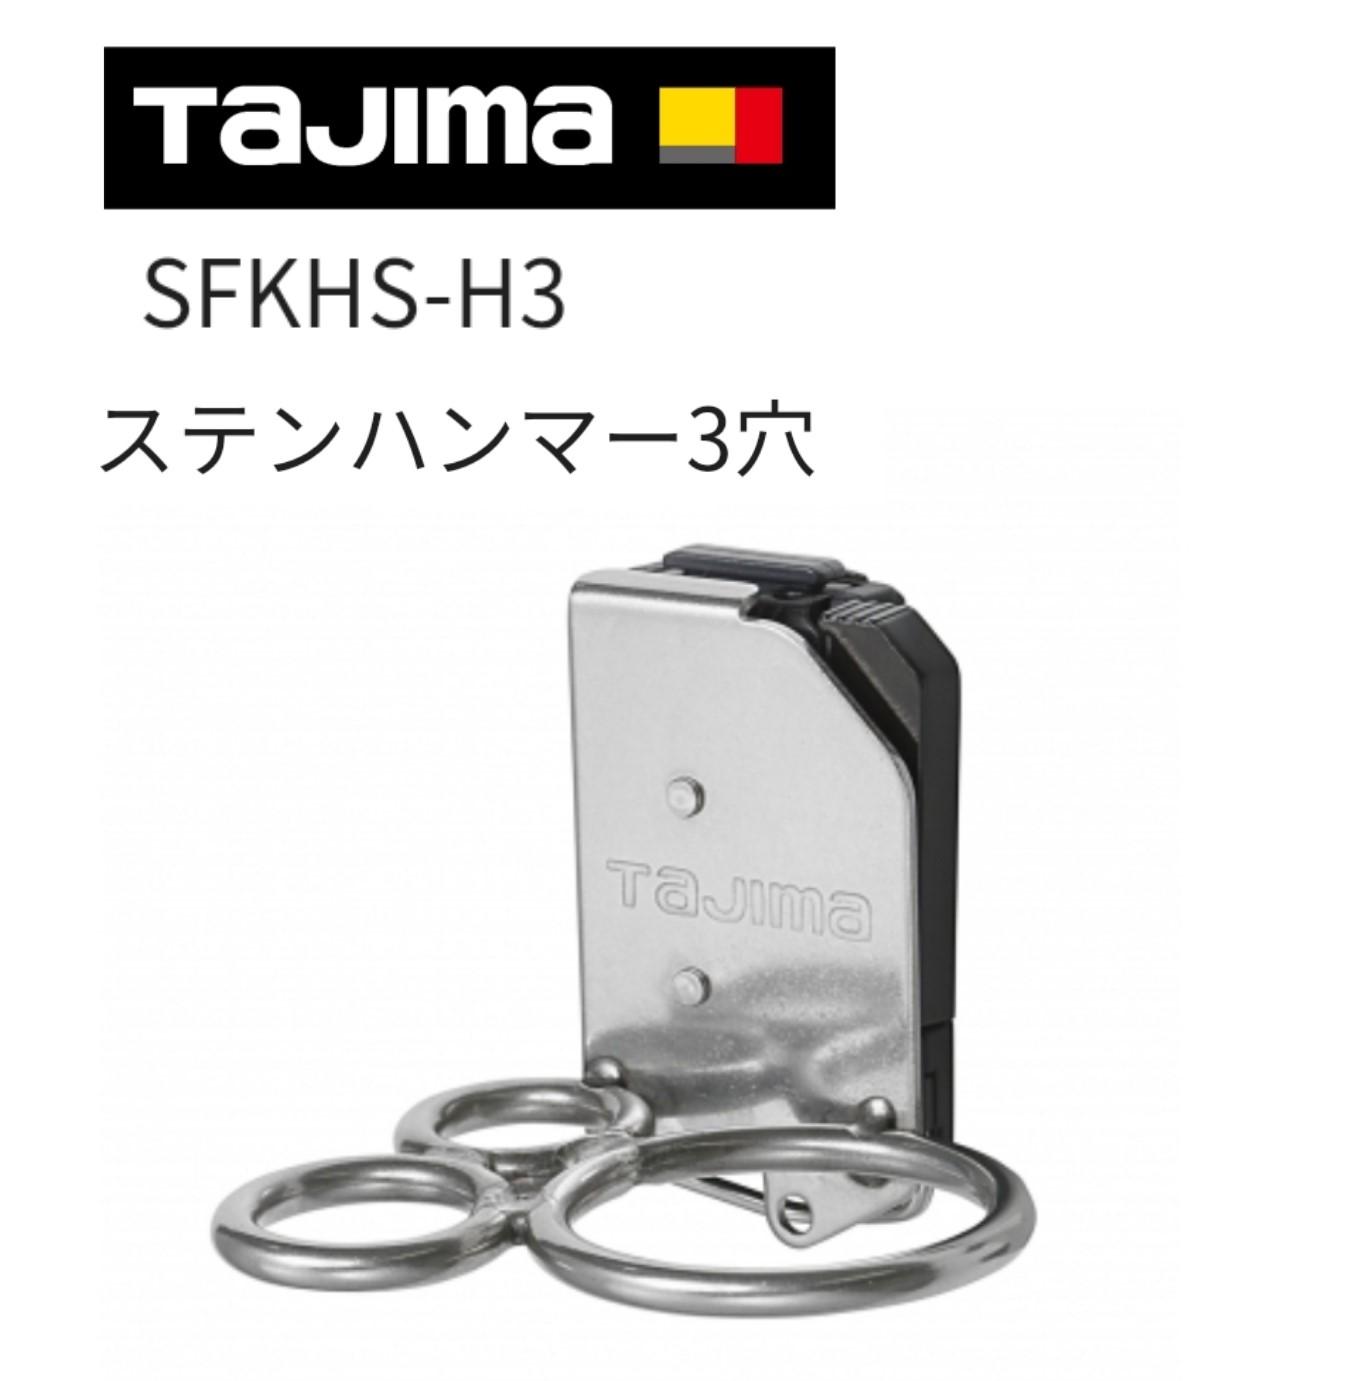 ステンレス製セフホルダーで着脱できる工具ホルダー タジマ TAJIMA 本物 着脱式工具ホルダー ハンマー3穴SFKHS-H3ステンレス製工具ホルダー 激安☆超特価 ステンレス